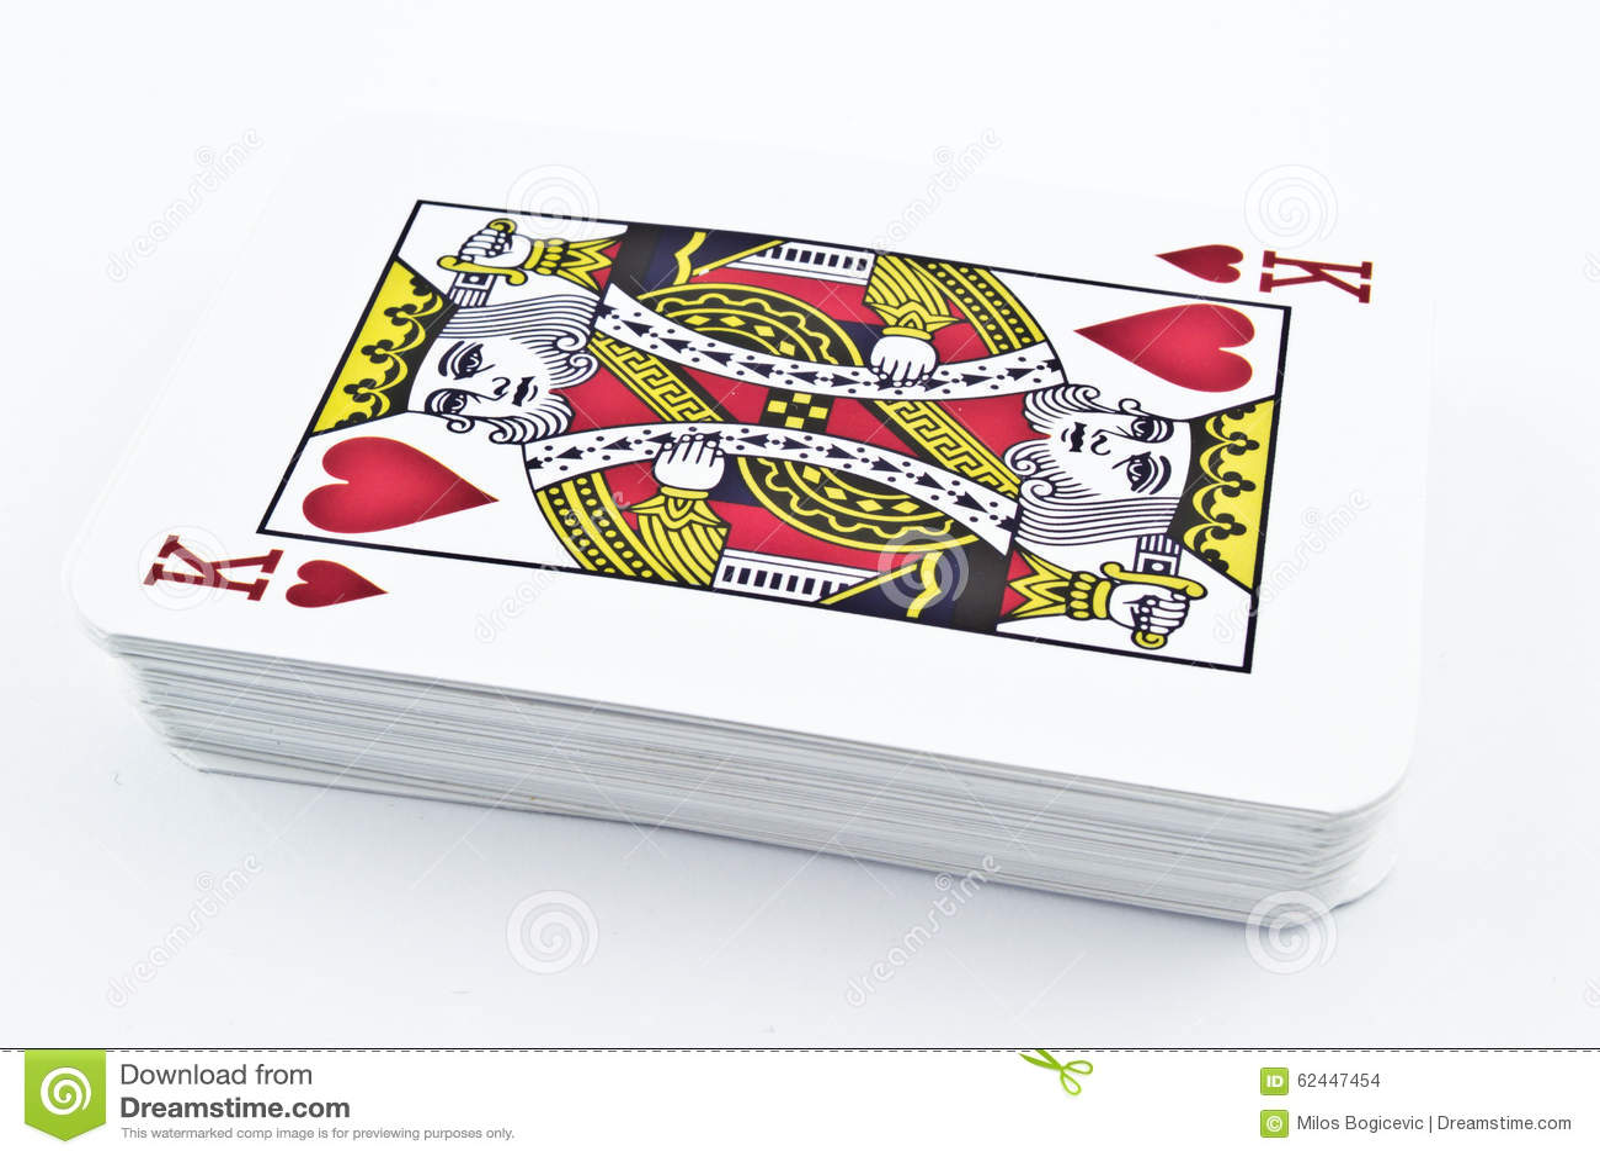 Kungen kortspel